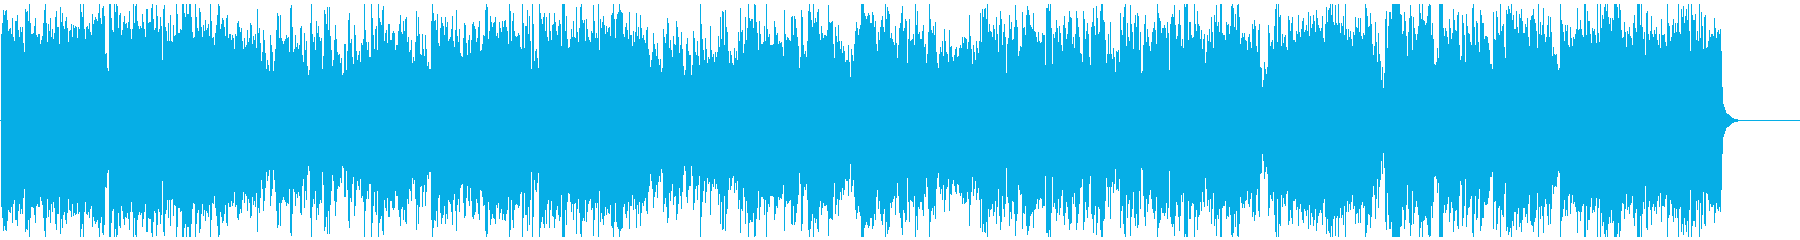 ジャズ+ドラムンベース 疾走感ある生音系の再生済みの波形